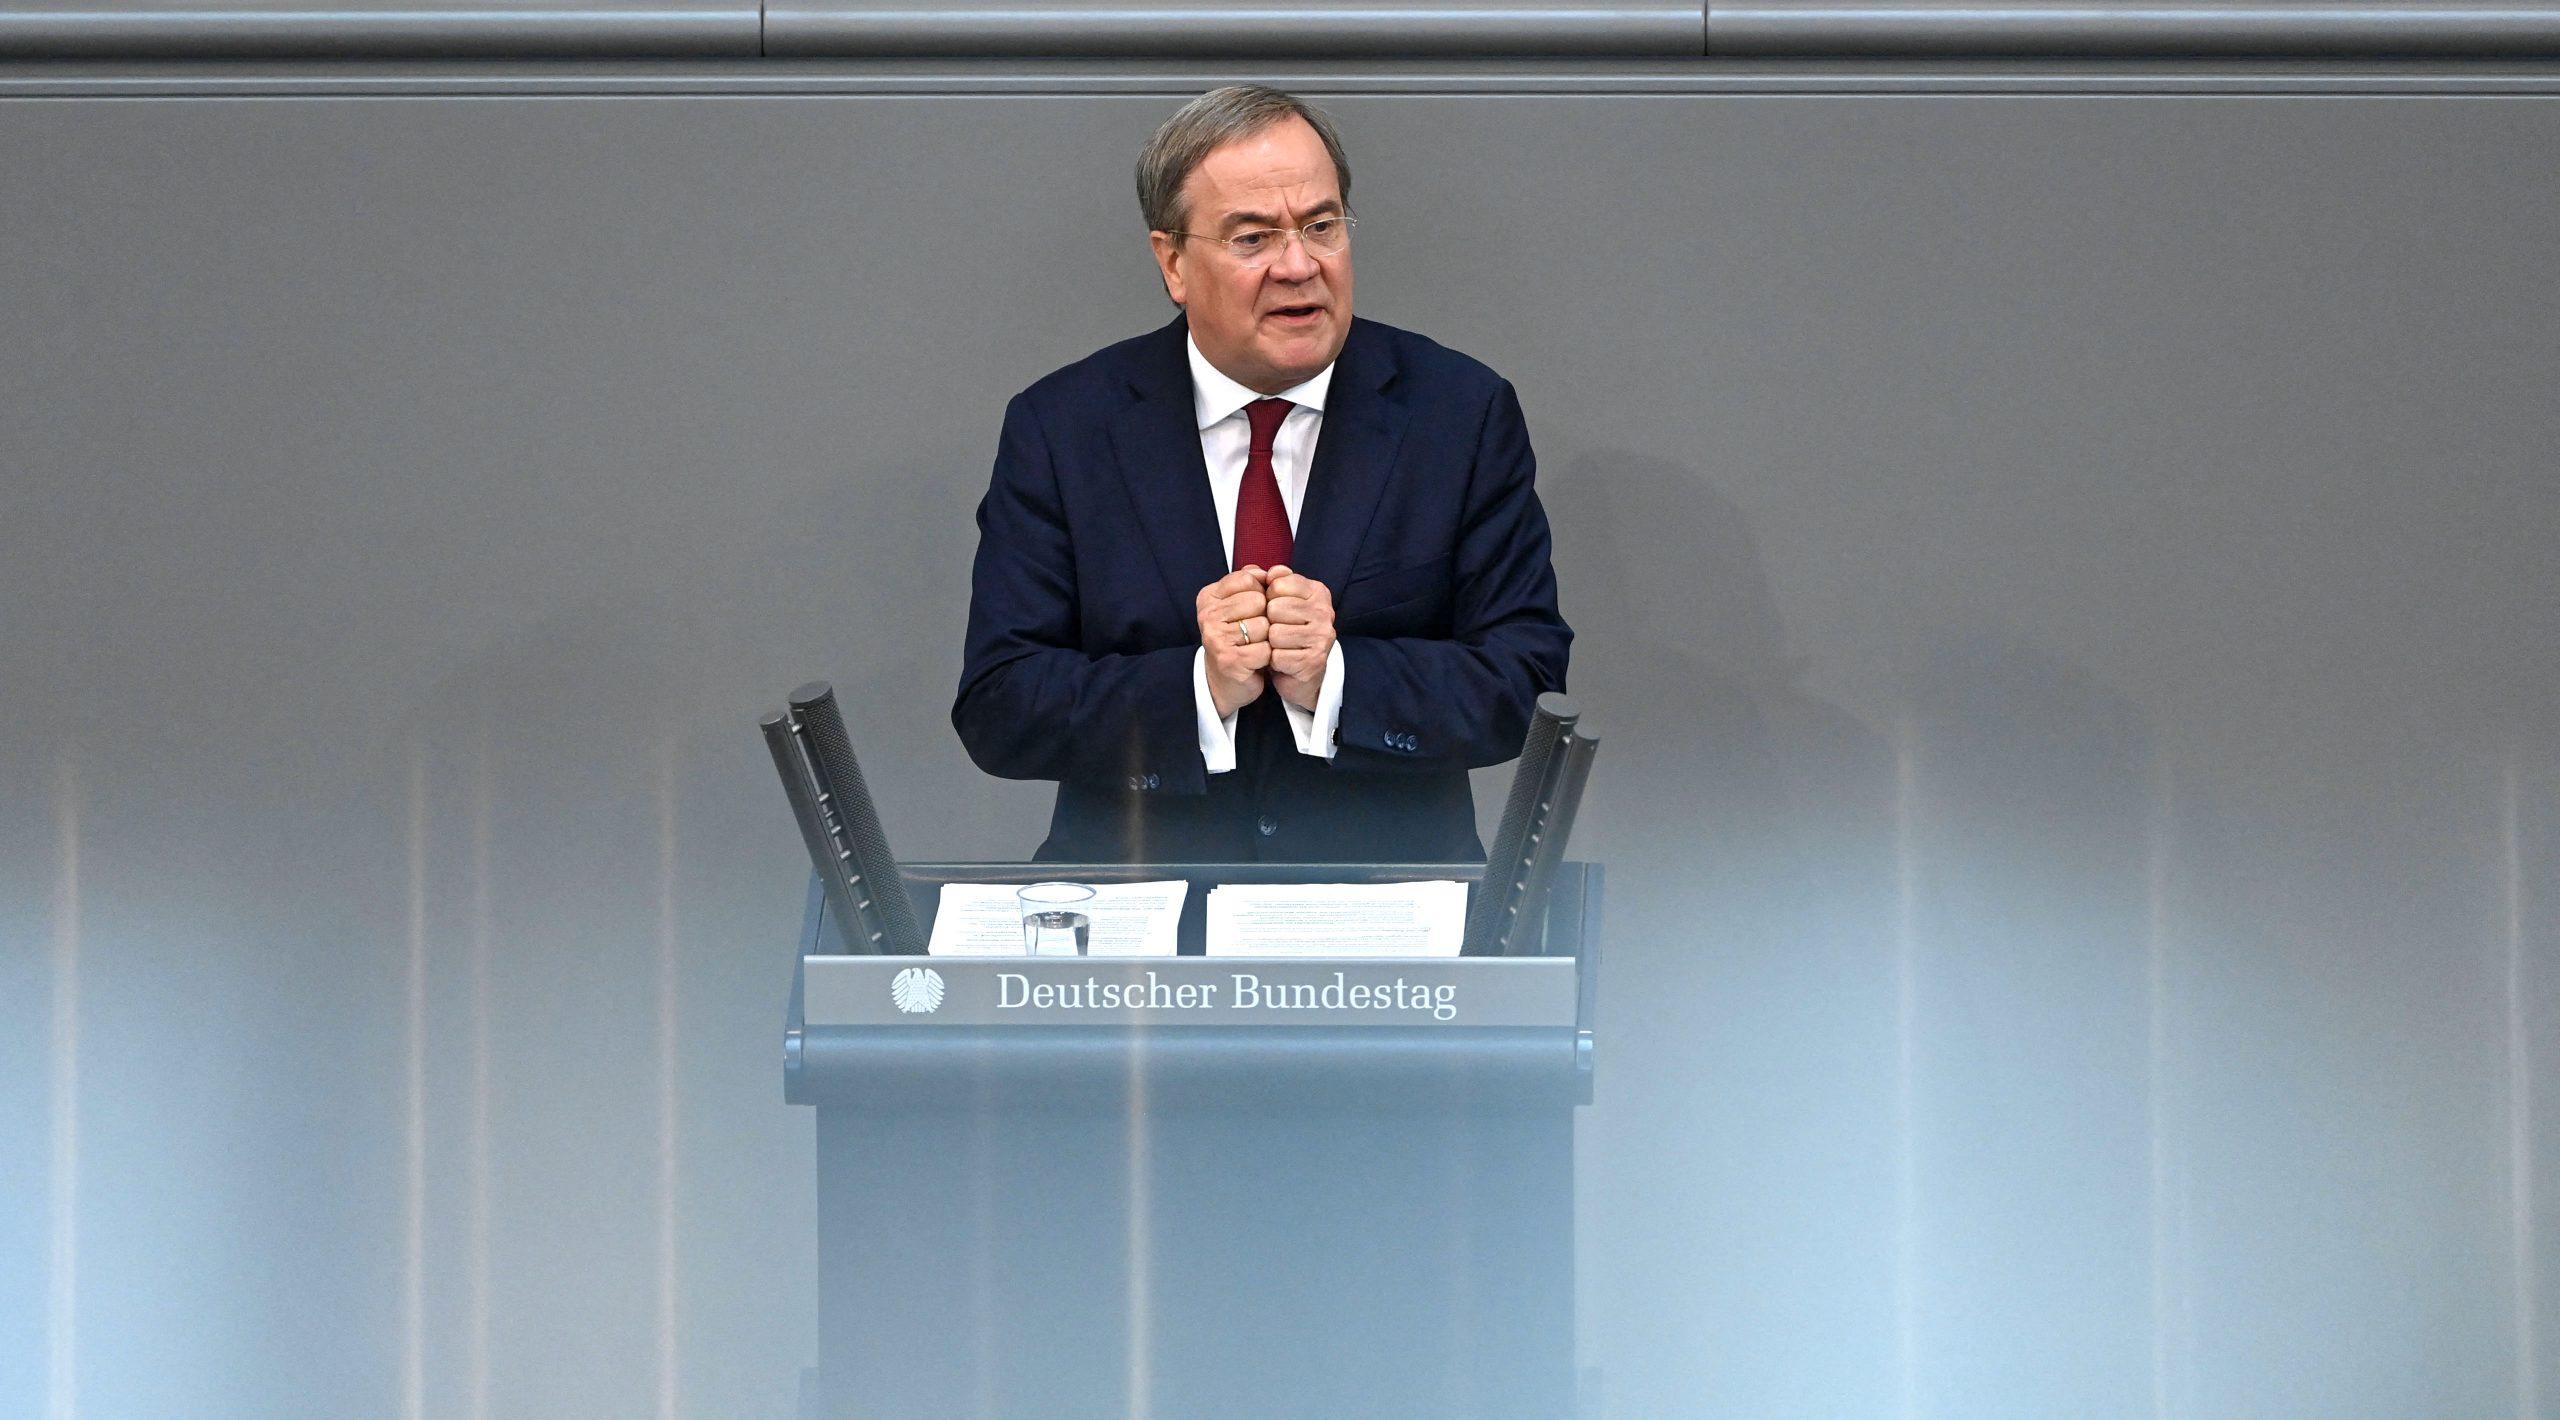 Laschet nutzt Auftritt im Bundestag zum Rundumschlag gegen SPD und Grüne